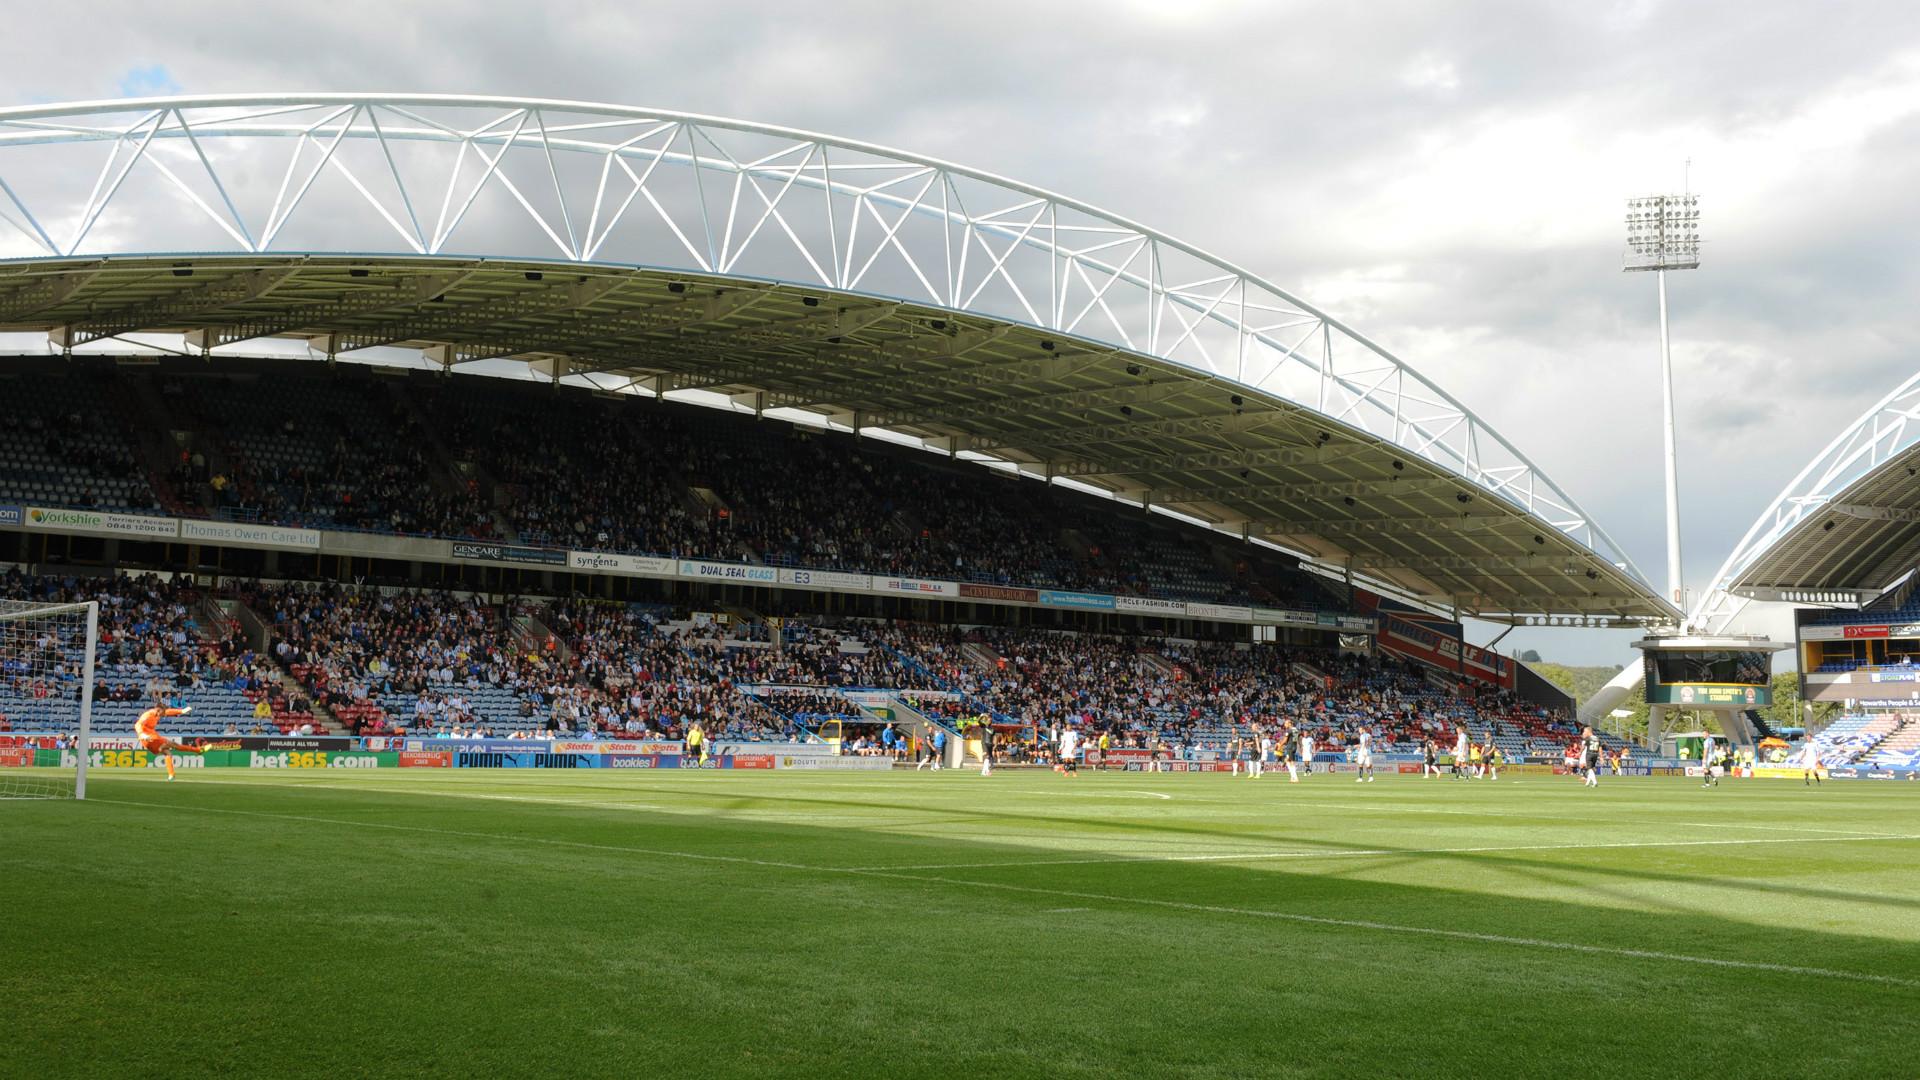 Best stadium in fifa 18 fifa 18 rooney cover